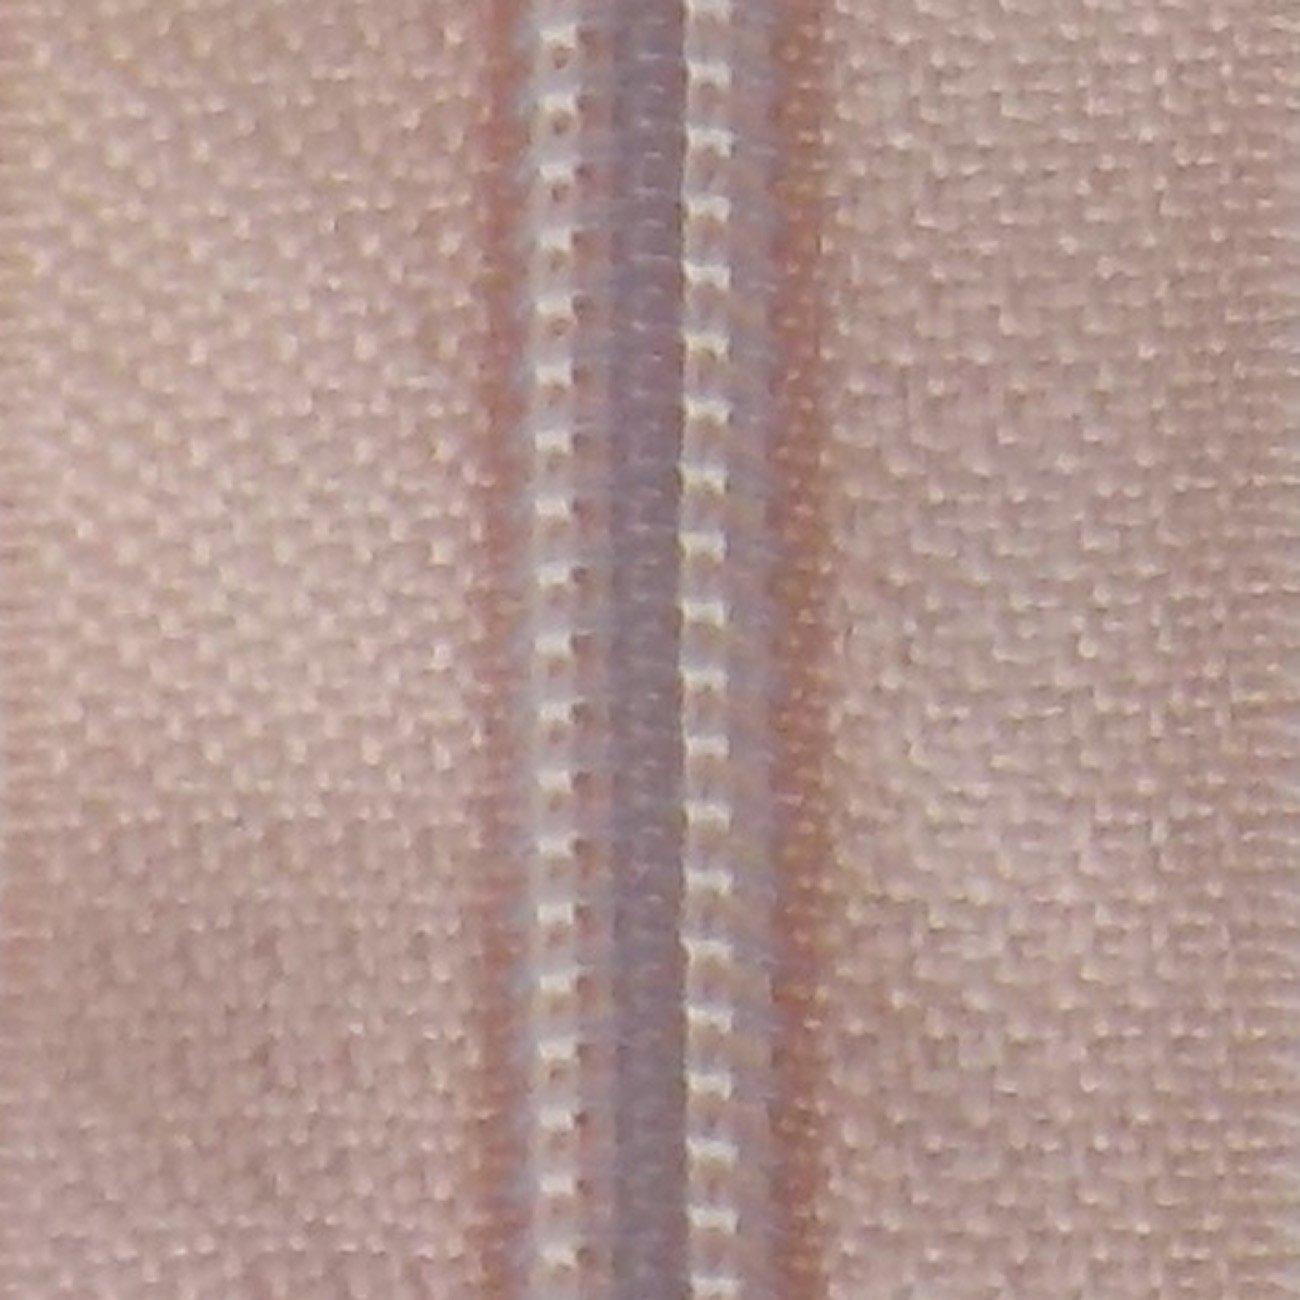 30 Double Pull Non Separating Zipper Vanilla Cream